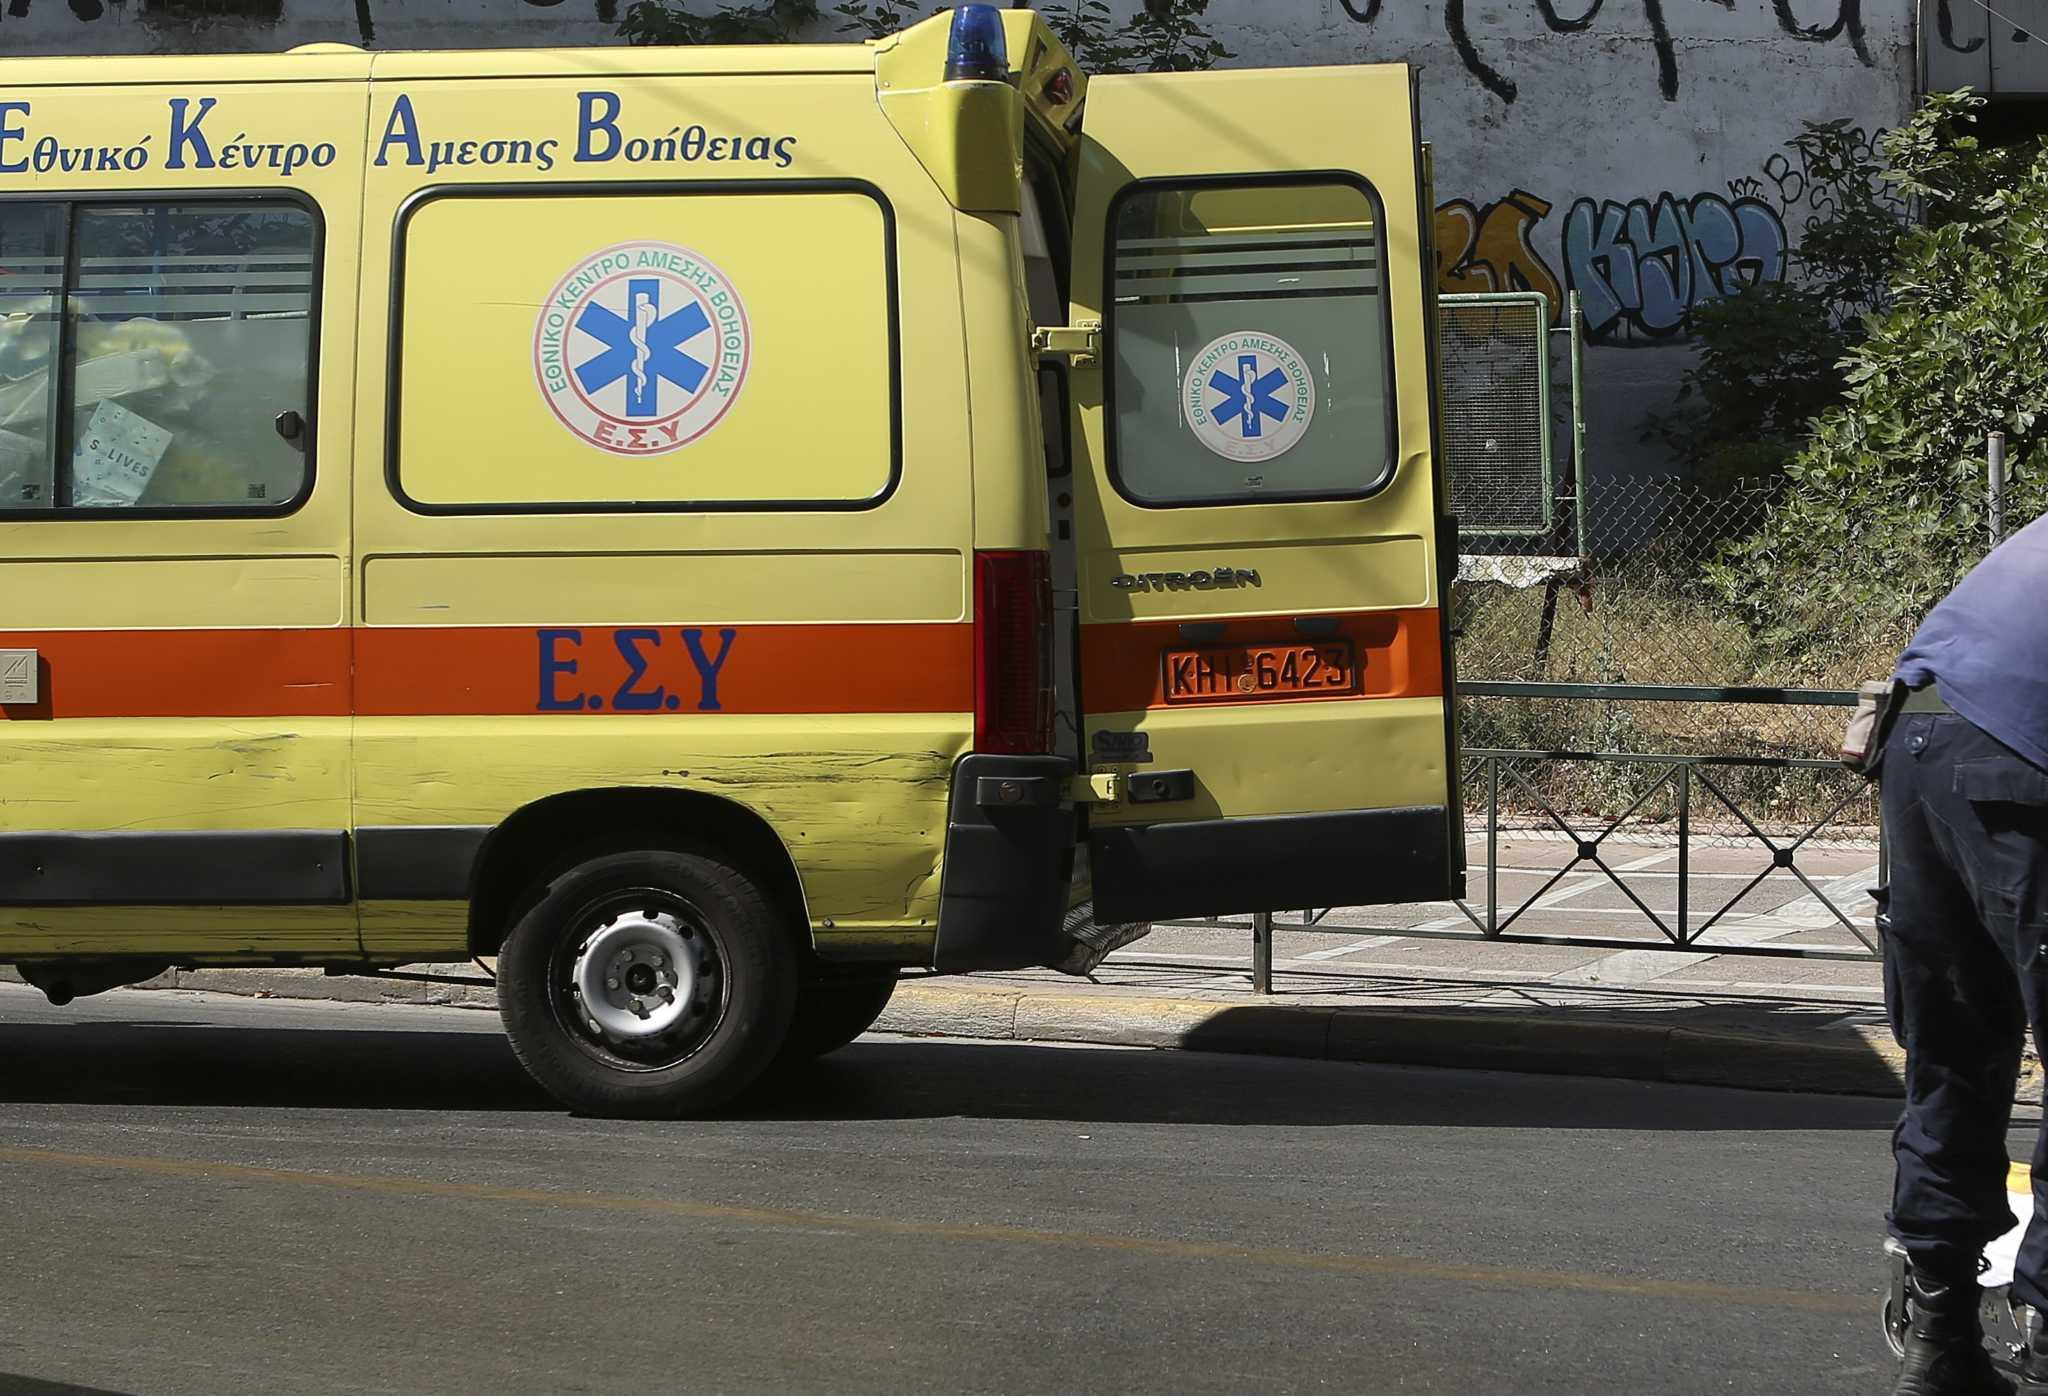 Μεσσηνία: Σκοτώθηκε 27χρονη σε τροχαίο – Το αυτοκίνητο «καρφώθηκε» σε κολώνα και κατέληξε σε τοίχο